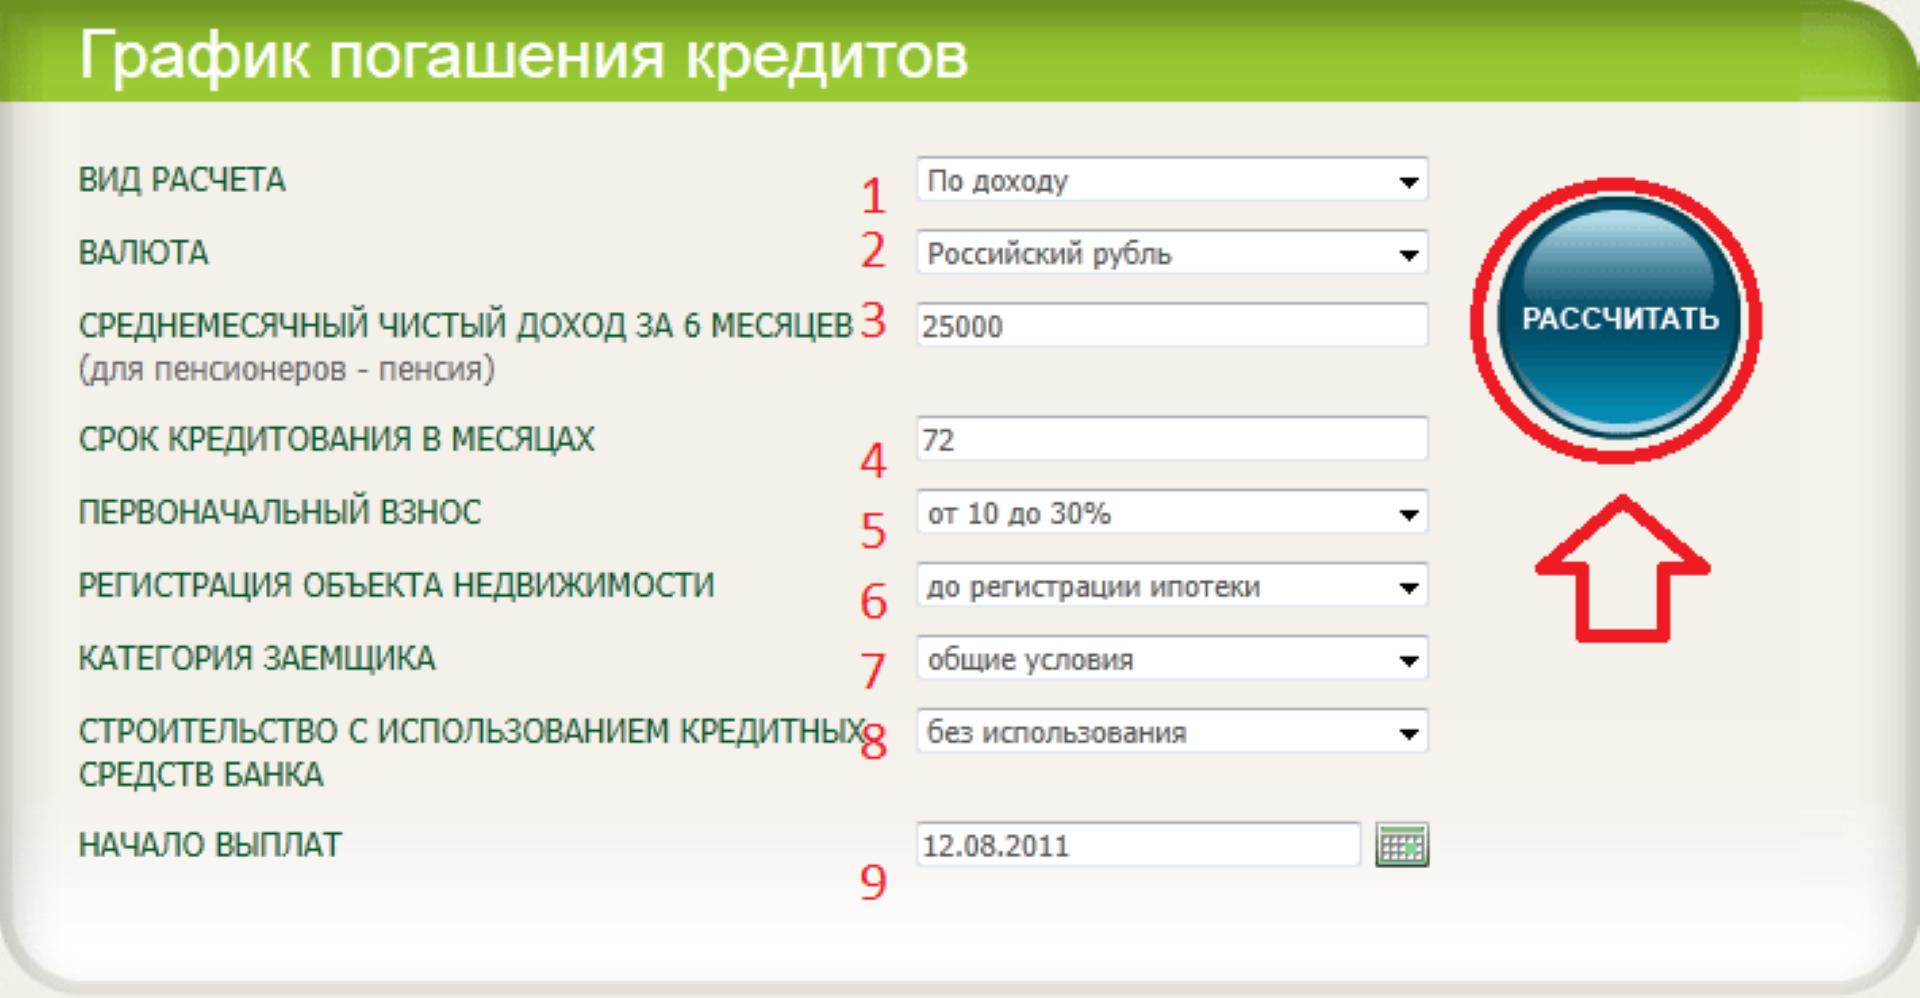 Кредит наличными без справок и поручителей в Волгограде